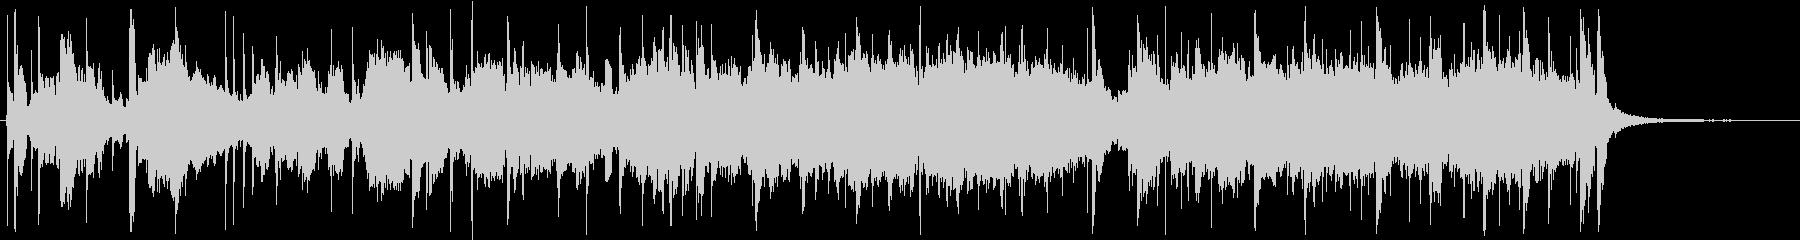 フリージャズ的な混沌としたBGMの未再生の波形